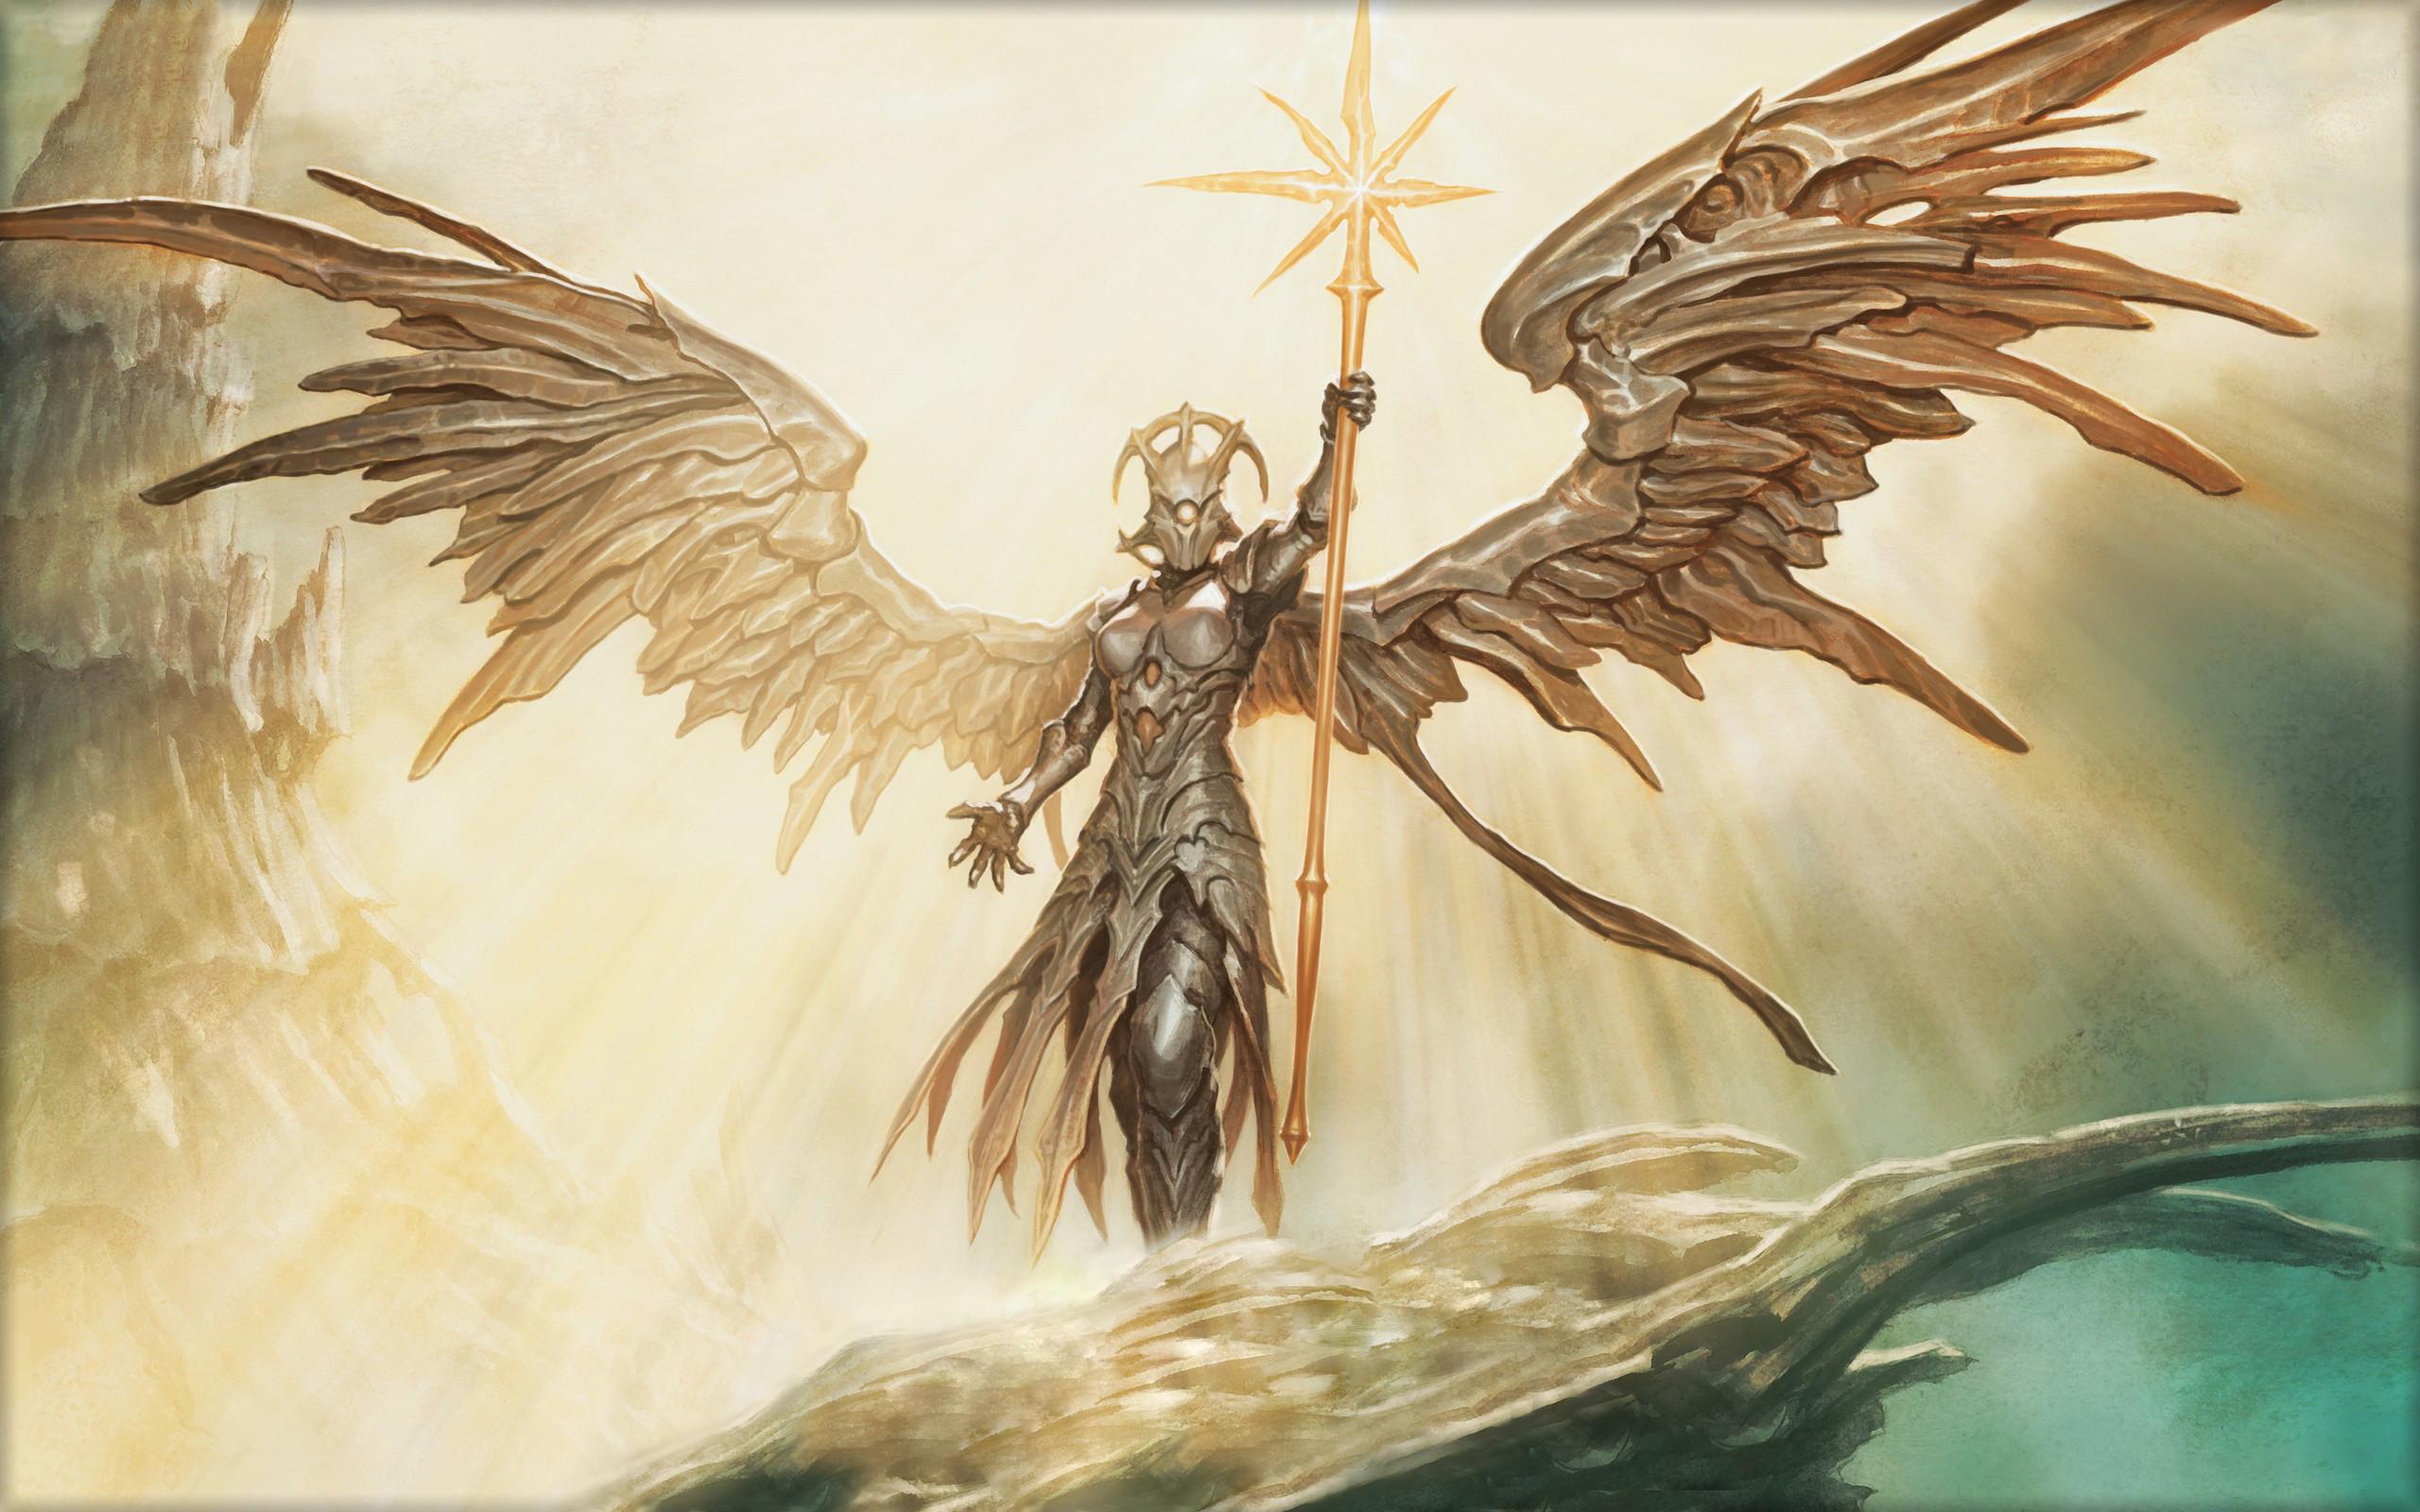 Hình ảnh thiên thần tỏa sáng